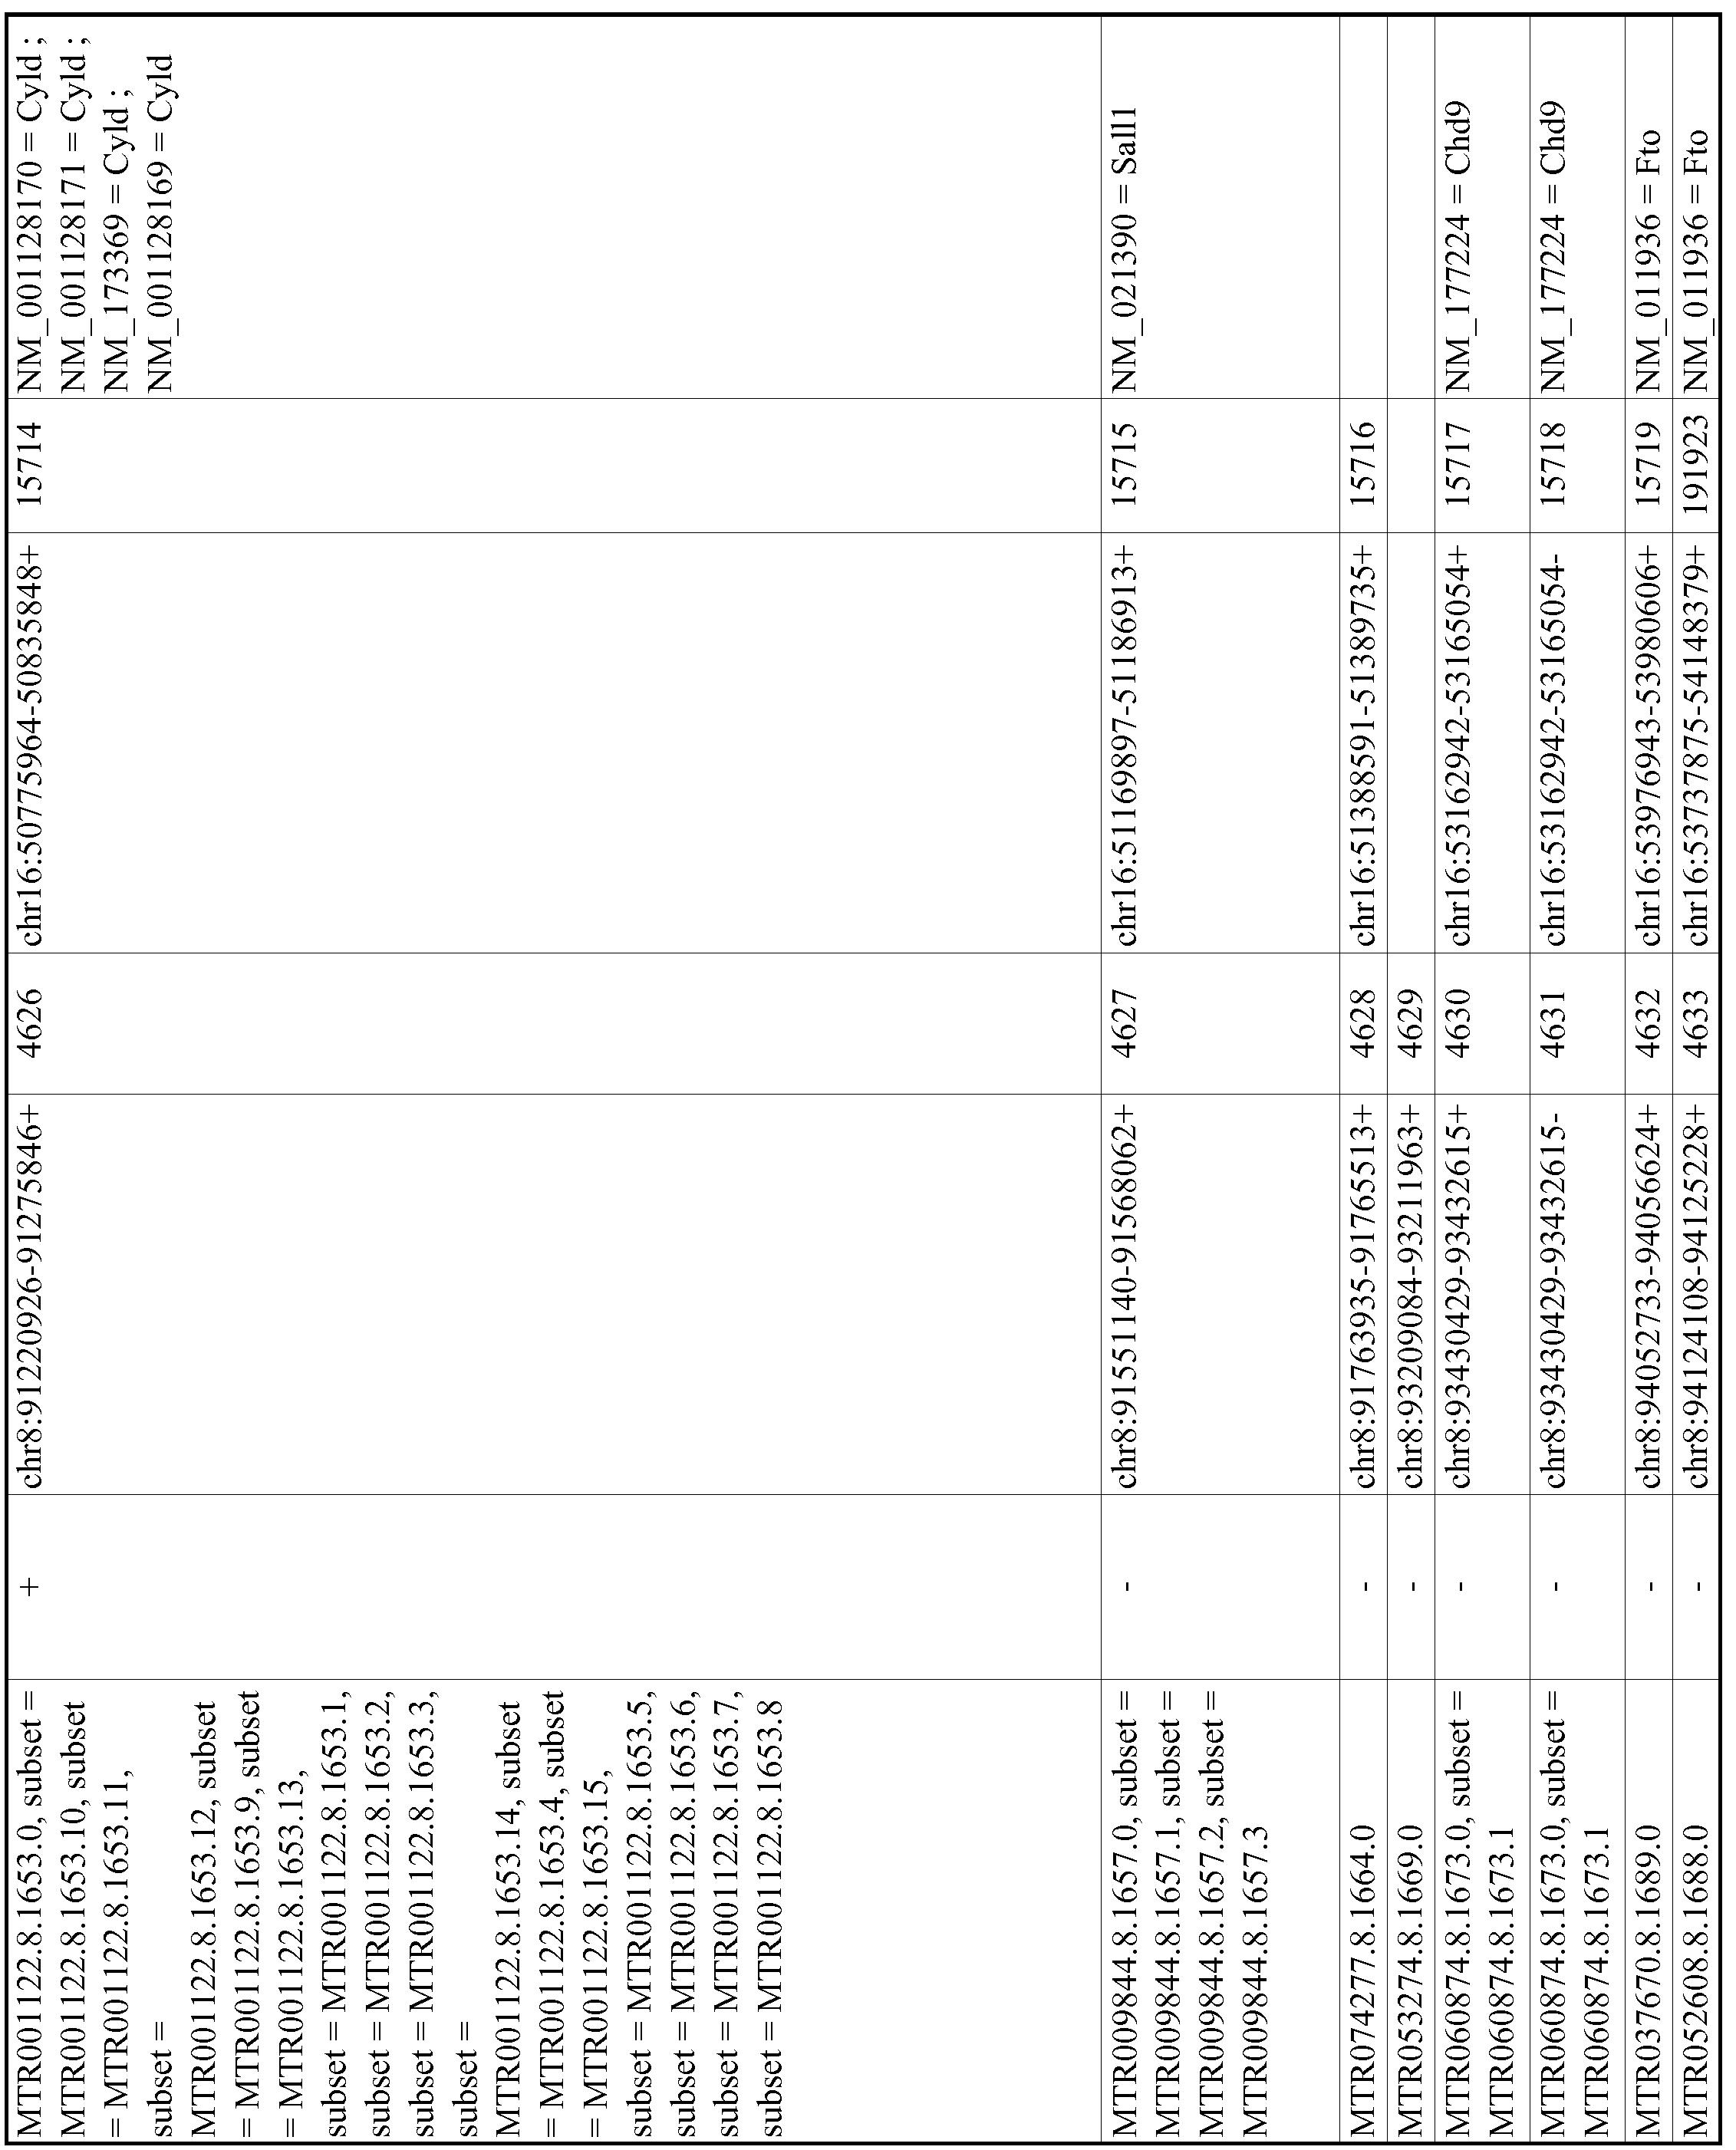 Figure imgf000860_0001